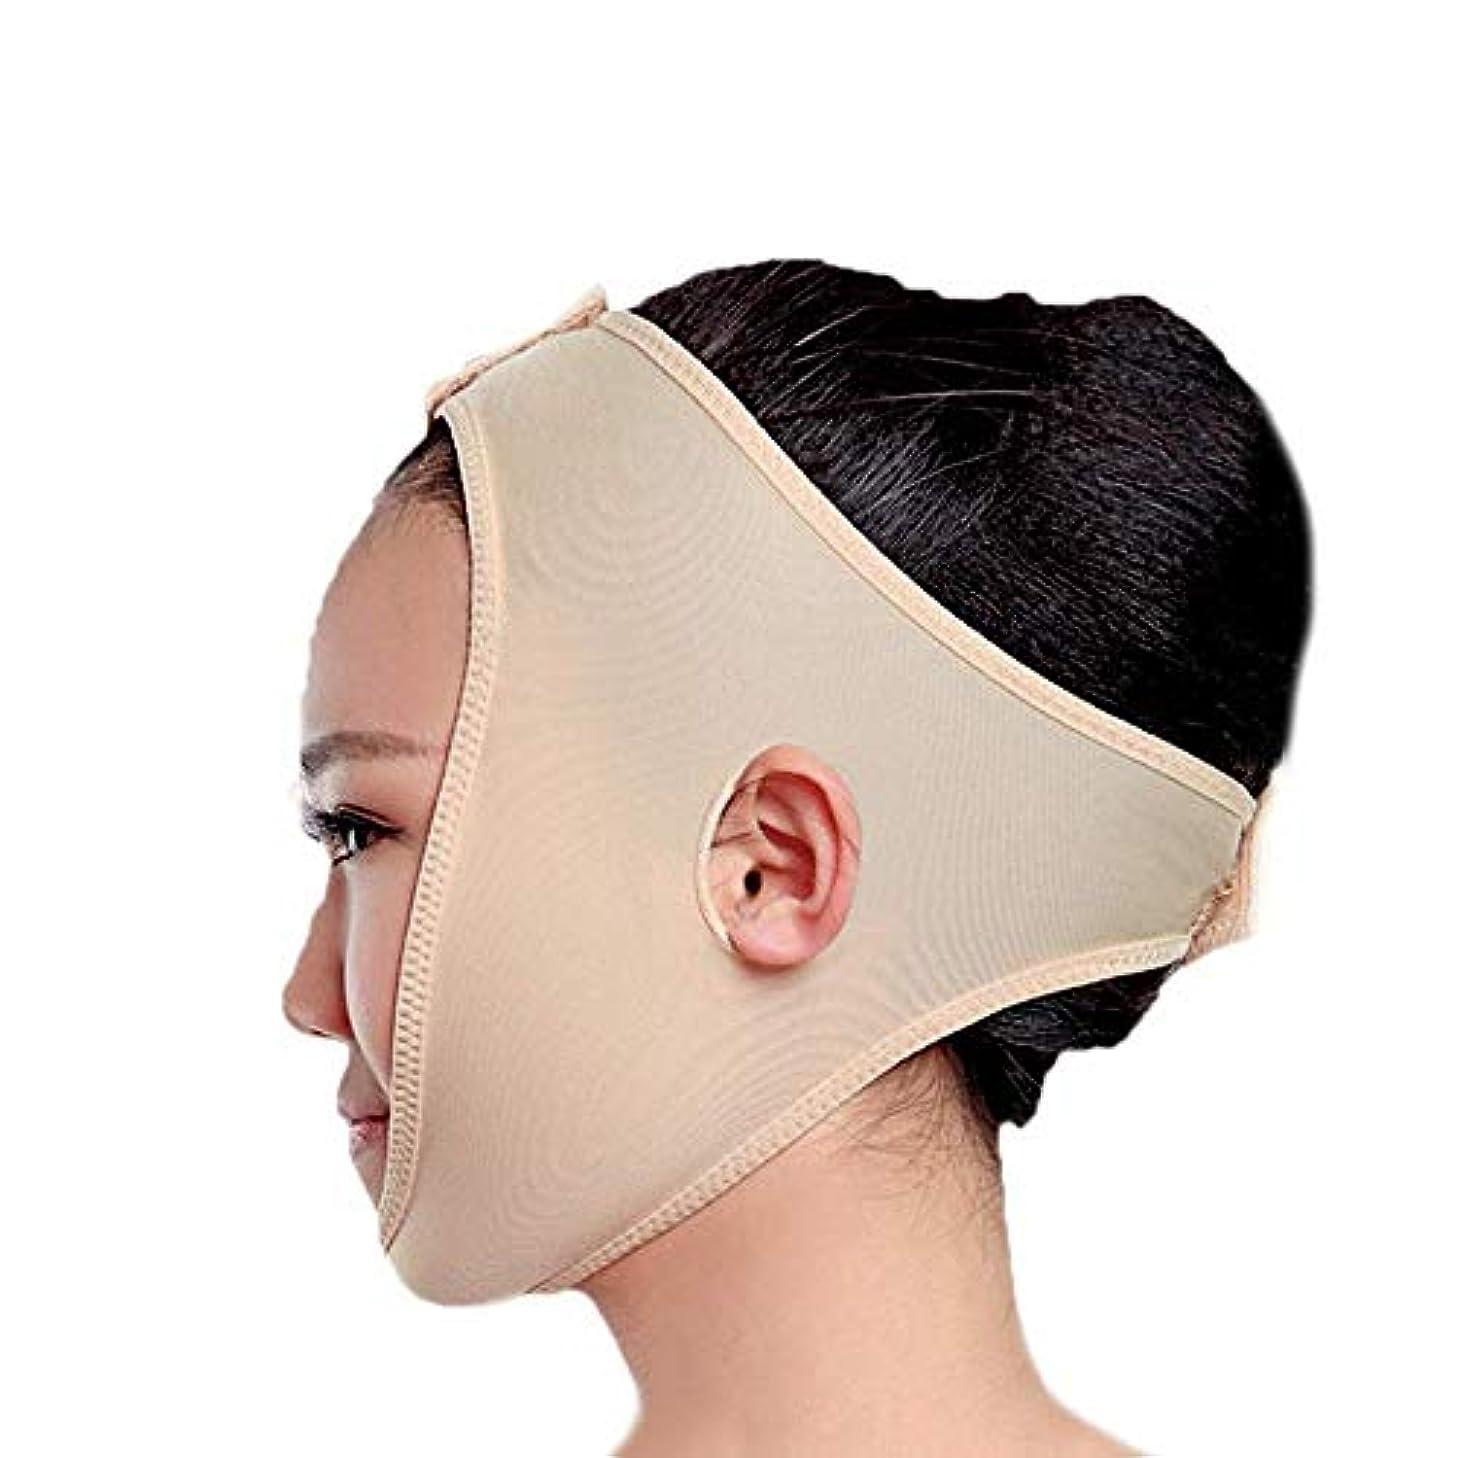 ピッチ大惨事不屈フェイススリミングマスク、快適さと通気性、フェイシャルリフティング、輪郭の改善された硬さ、ファーミングとリフティングフェイス(カラー:ブラック、サイズ:XL),黄色がかったピンク2、S